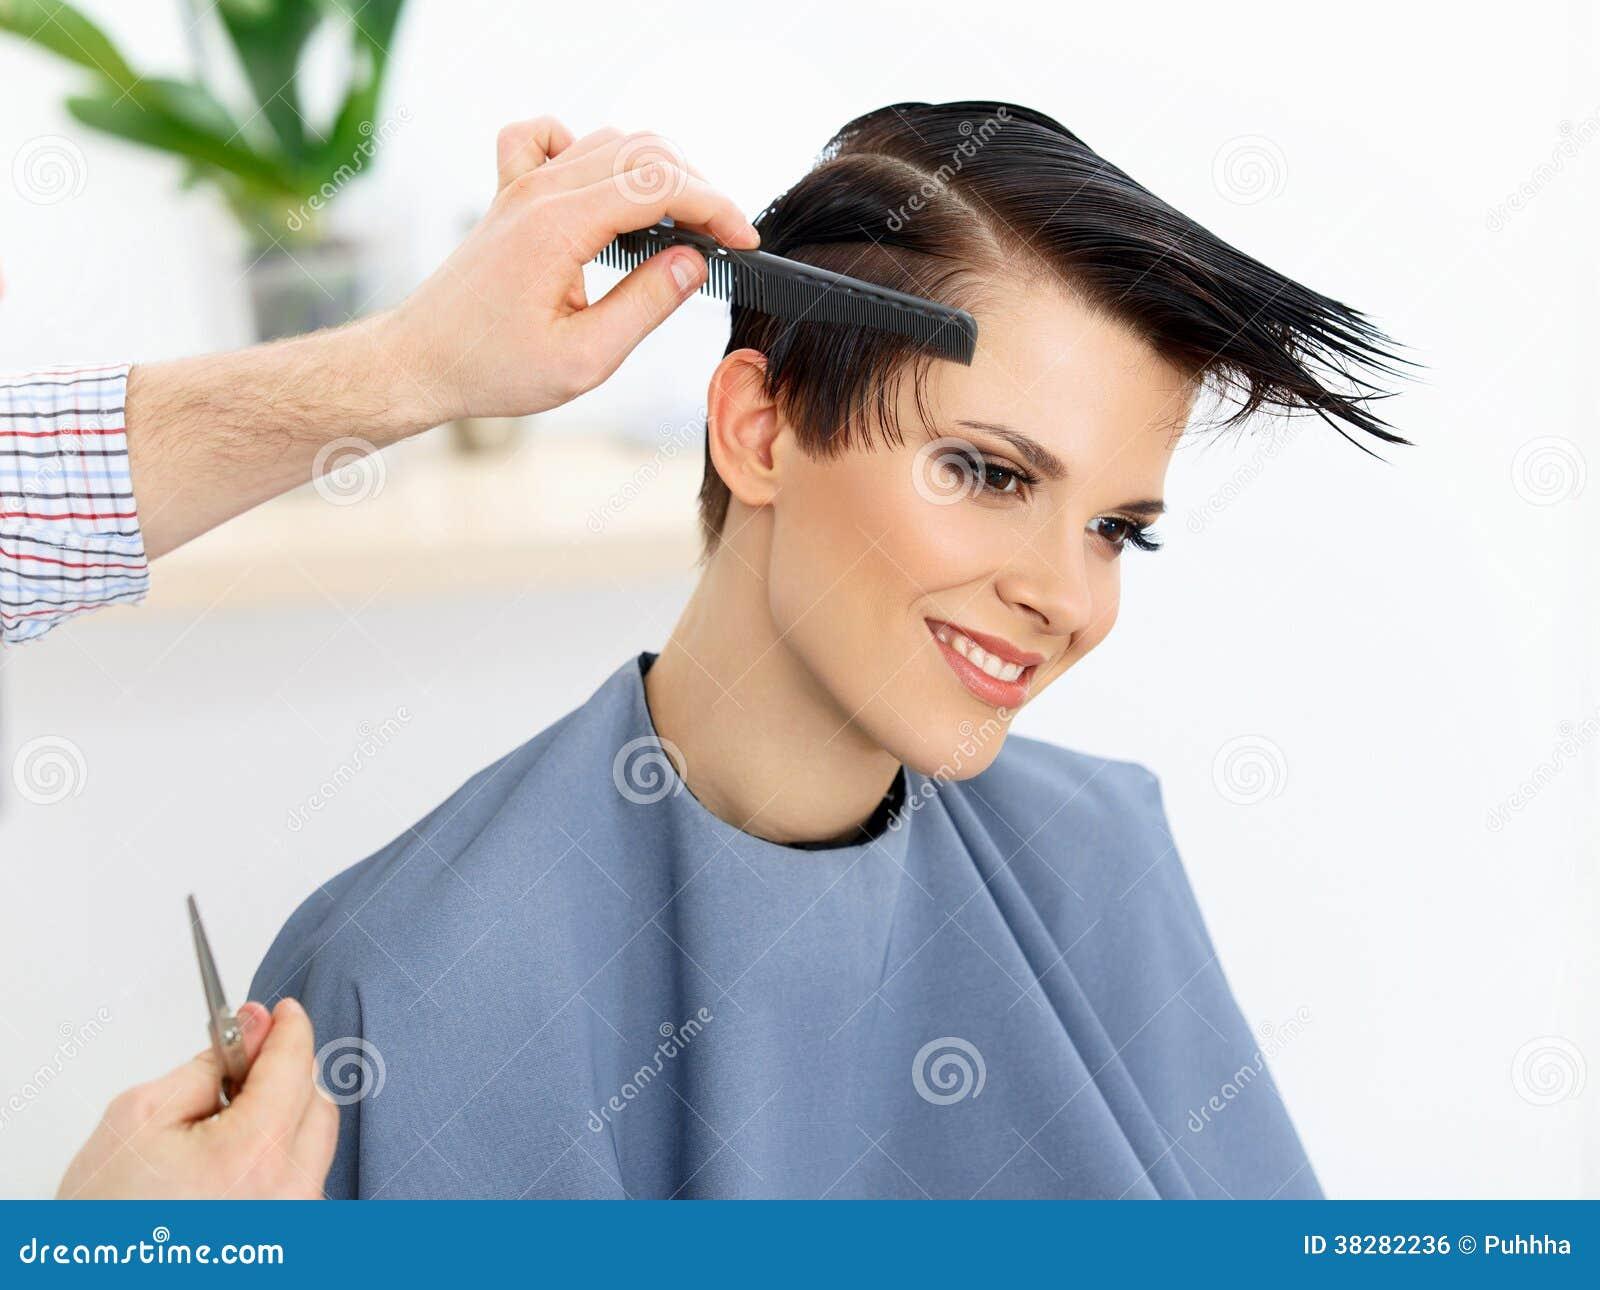 Τρίχα. Κομμωτής που κάνει Hairstyle. Πρότυπη γυναίκα ομορφιάς. Κούρεμα